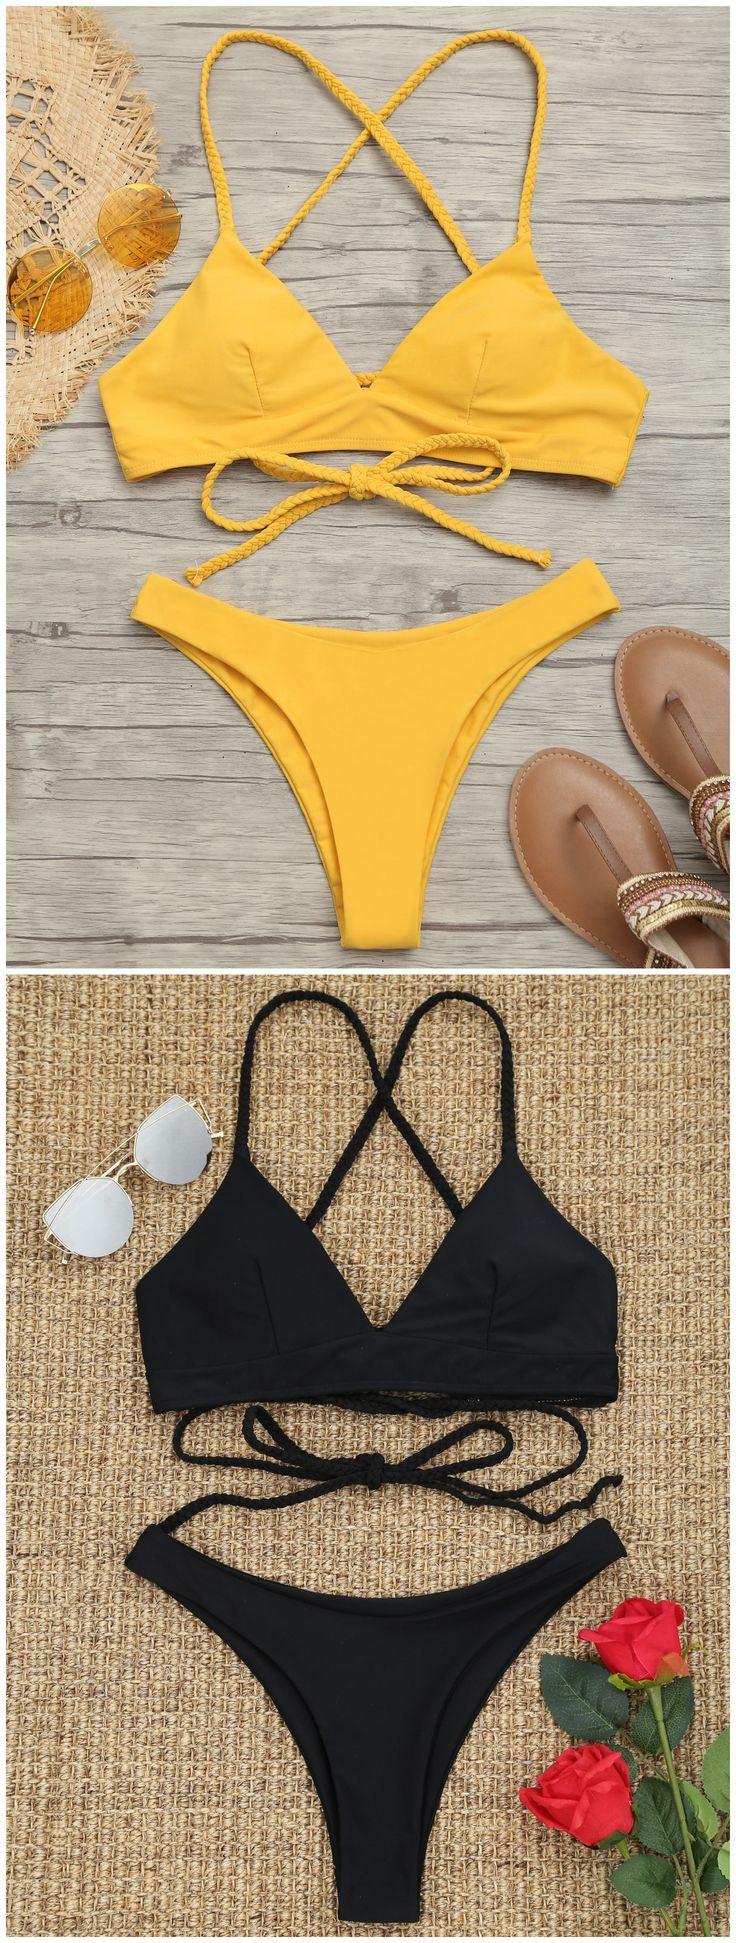 Up to 80% OFF! Plaited Cami Cross Back Bikini Set. #Zaful #swimwear Zaful, zaful bikinis, zaful dress, zaful swimwear, style, outfits,sweater, hoodies, women fashion, summer outfits, swimwear, bikinis, micro bikini, high waisted bikini, halter bikini, crochet bikini, one piece swimwear, tankini, bikini set, cover ups, bathing suit, swimsuits, summer fashion, summer outfits, Christmas, ugly Christmas, Thanksgiving, Gift, New Year Eve, New Year 2017. @zaful Extra 10% OFF Code:ZF2017